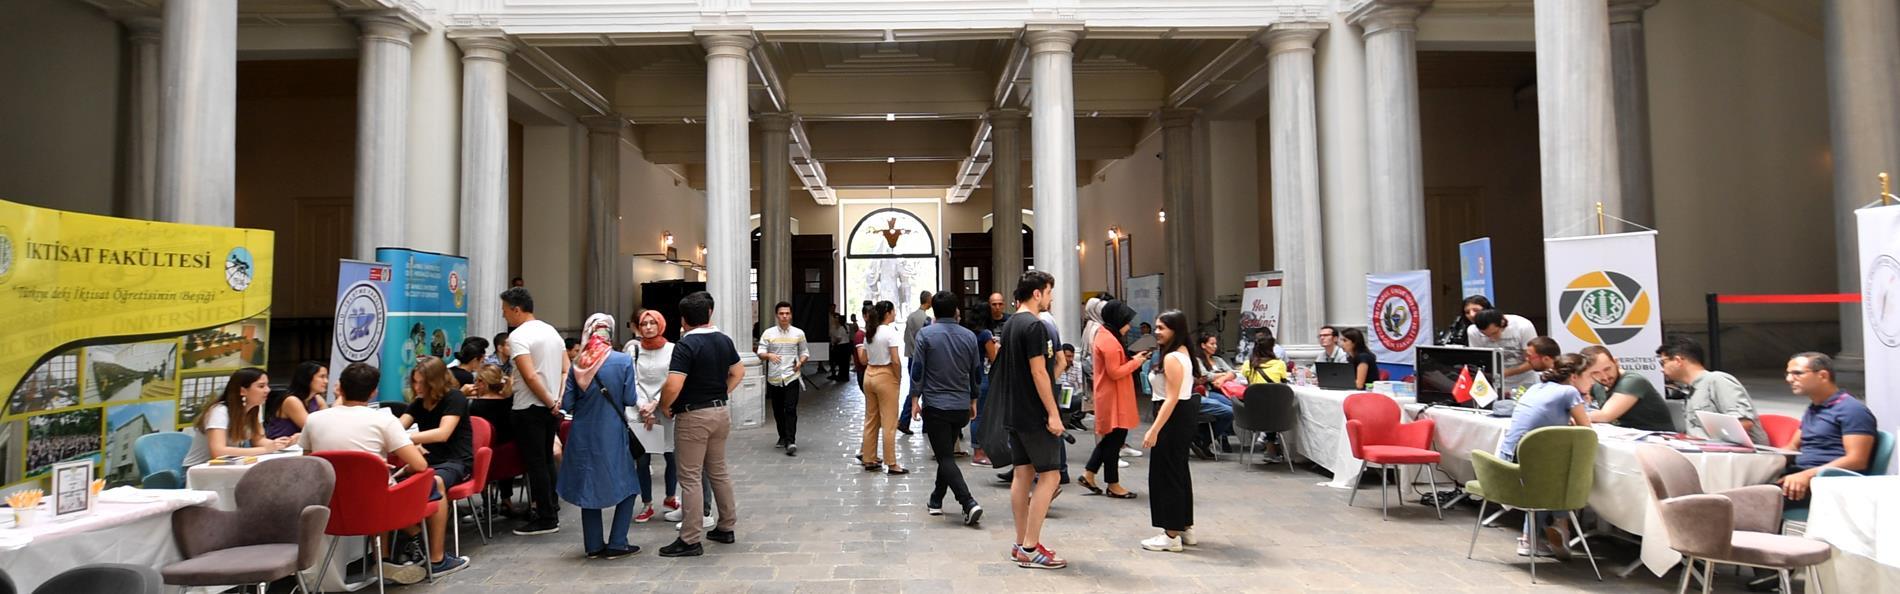 İstanbul-Üniversitesi-Tercih-ve-Tanıtım-Günleri-2019'un-İlk-Bölümü-Sona-Erdi